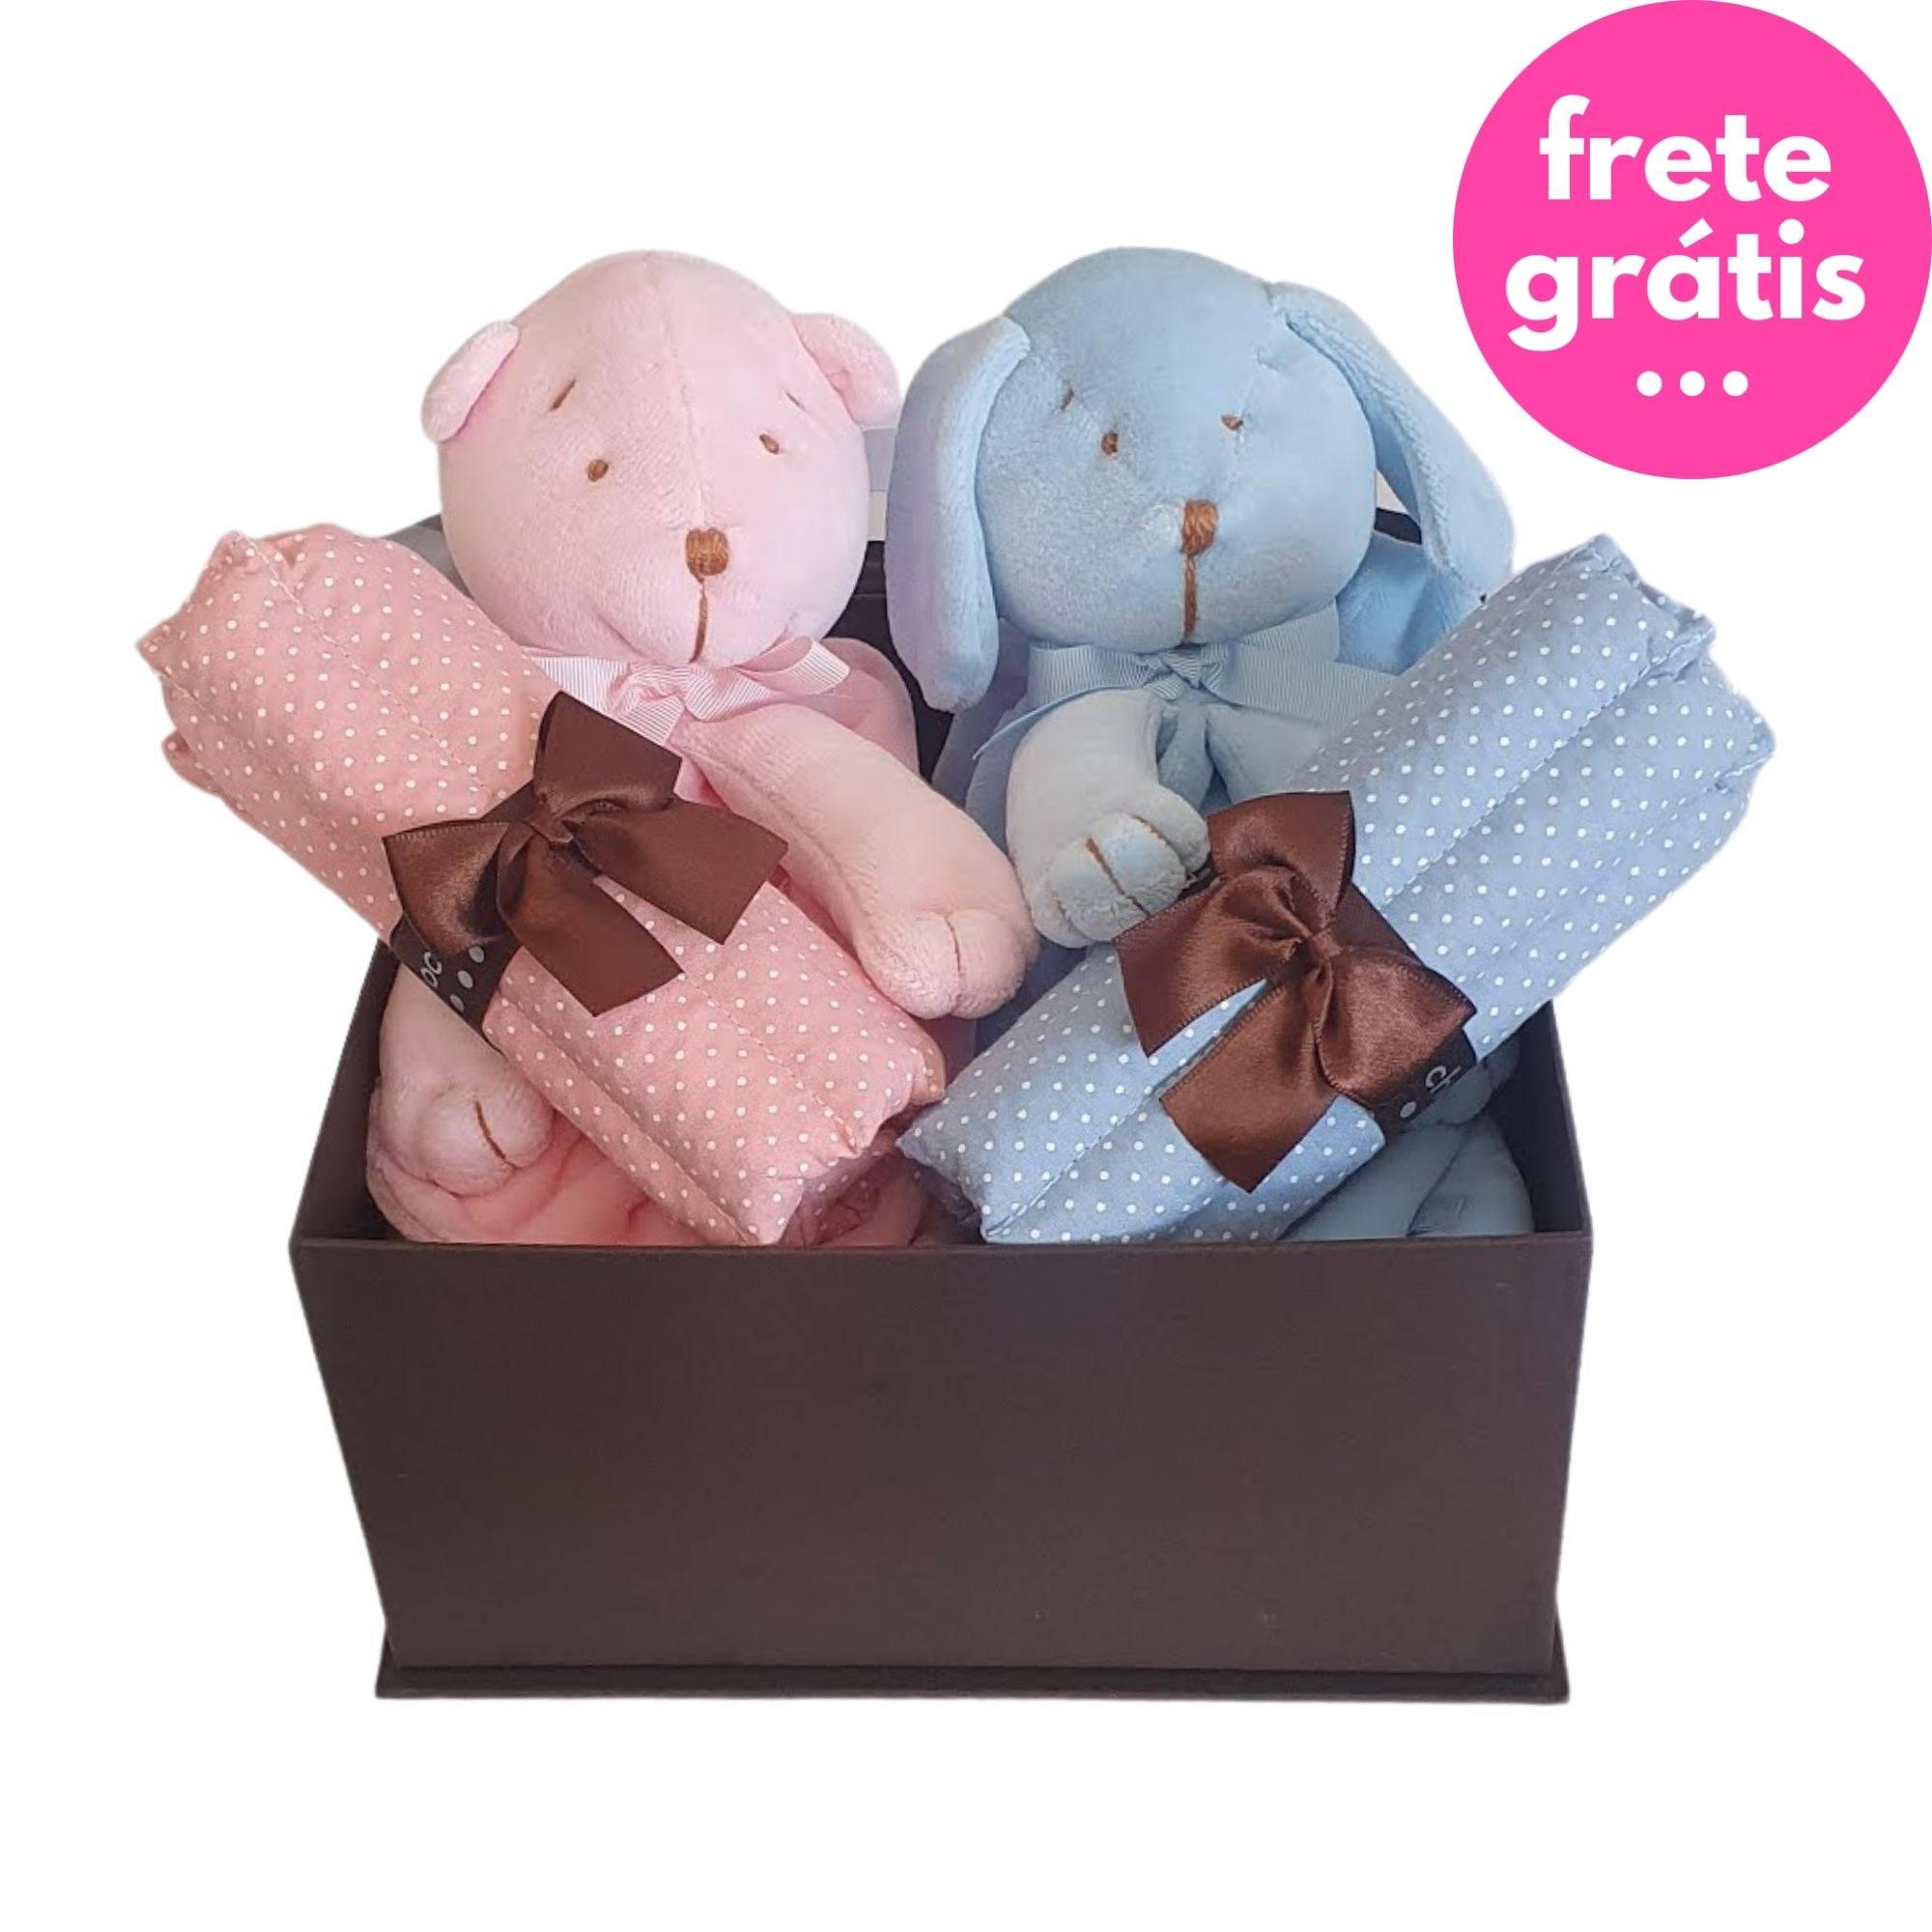 Kit Presente Baby Gêmeos Rosa/Azul - 4 peças